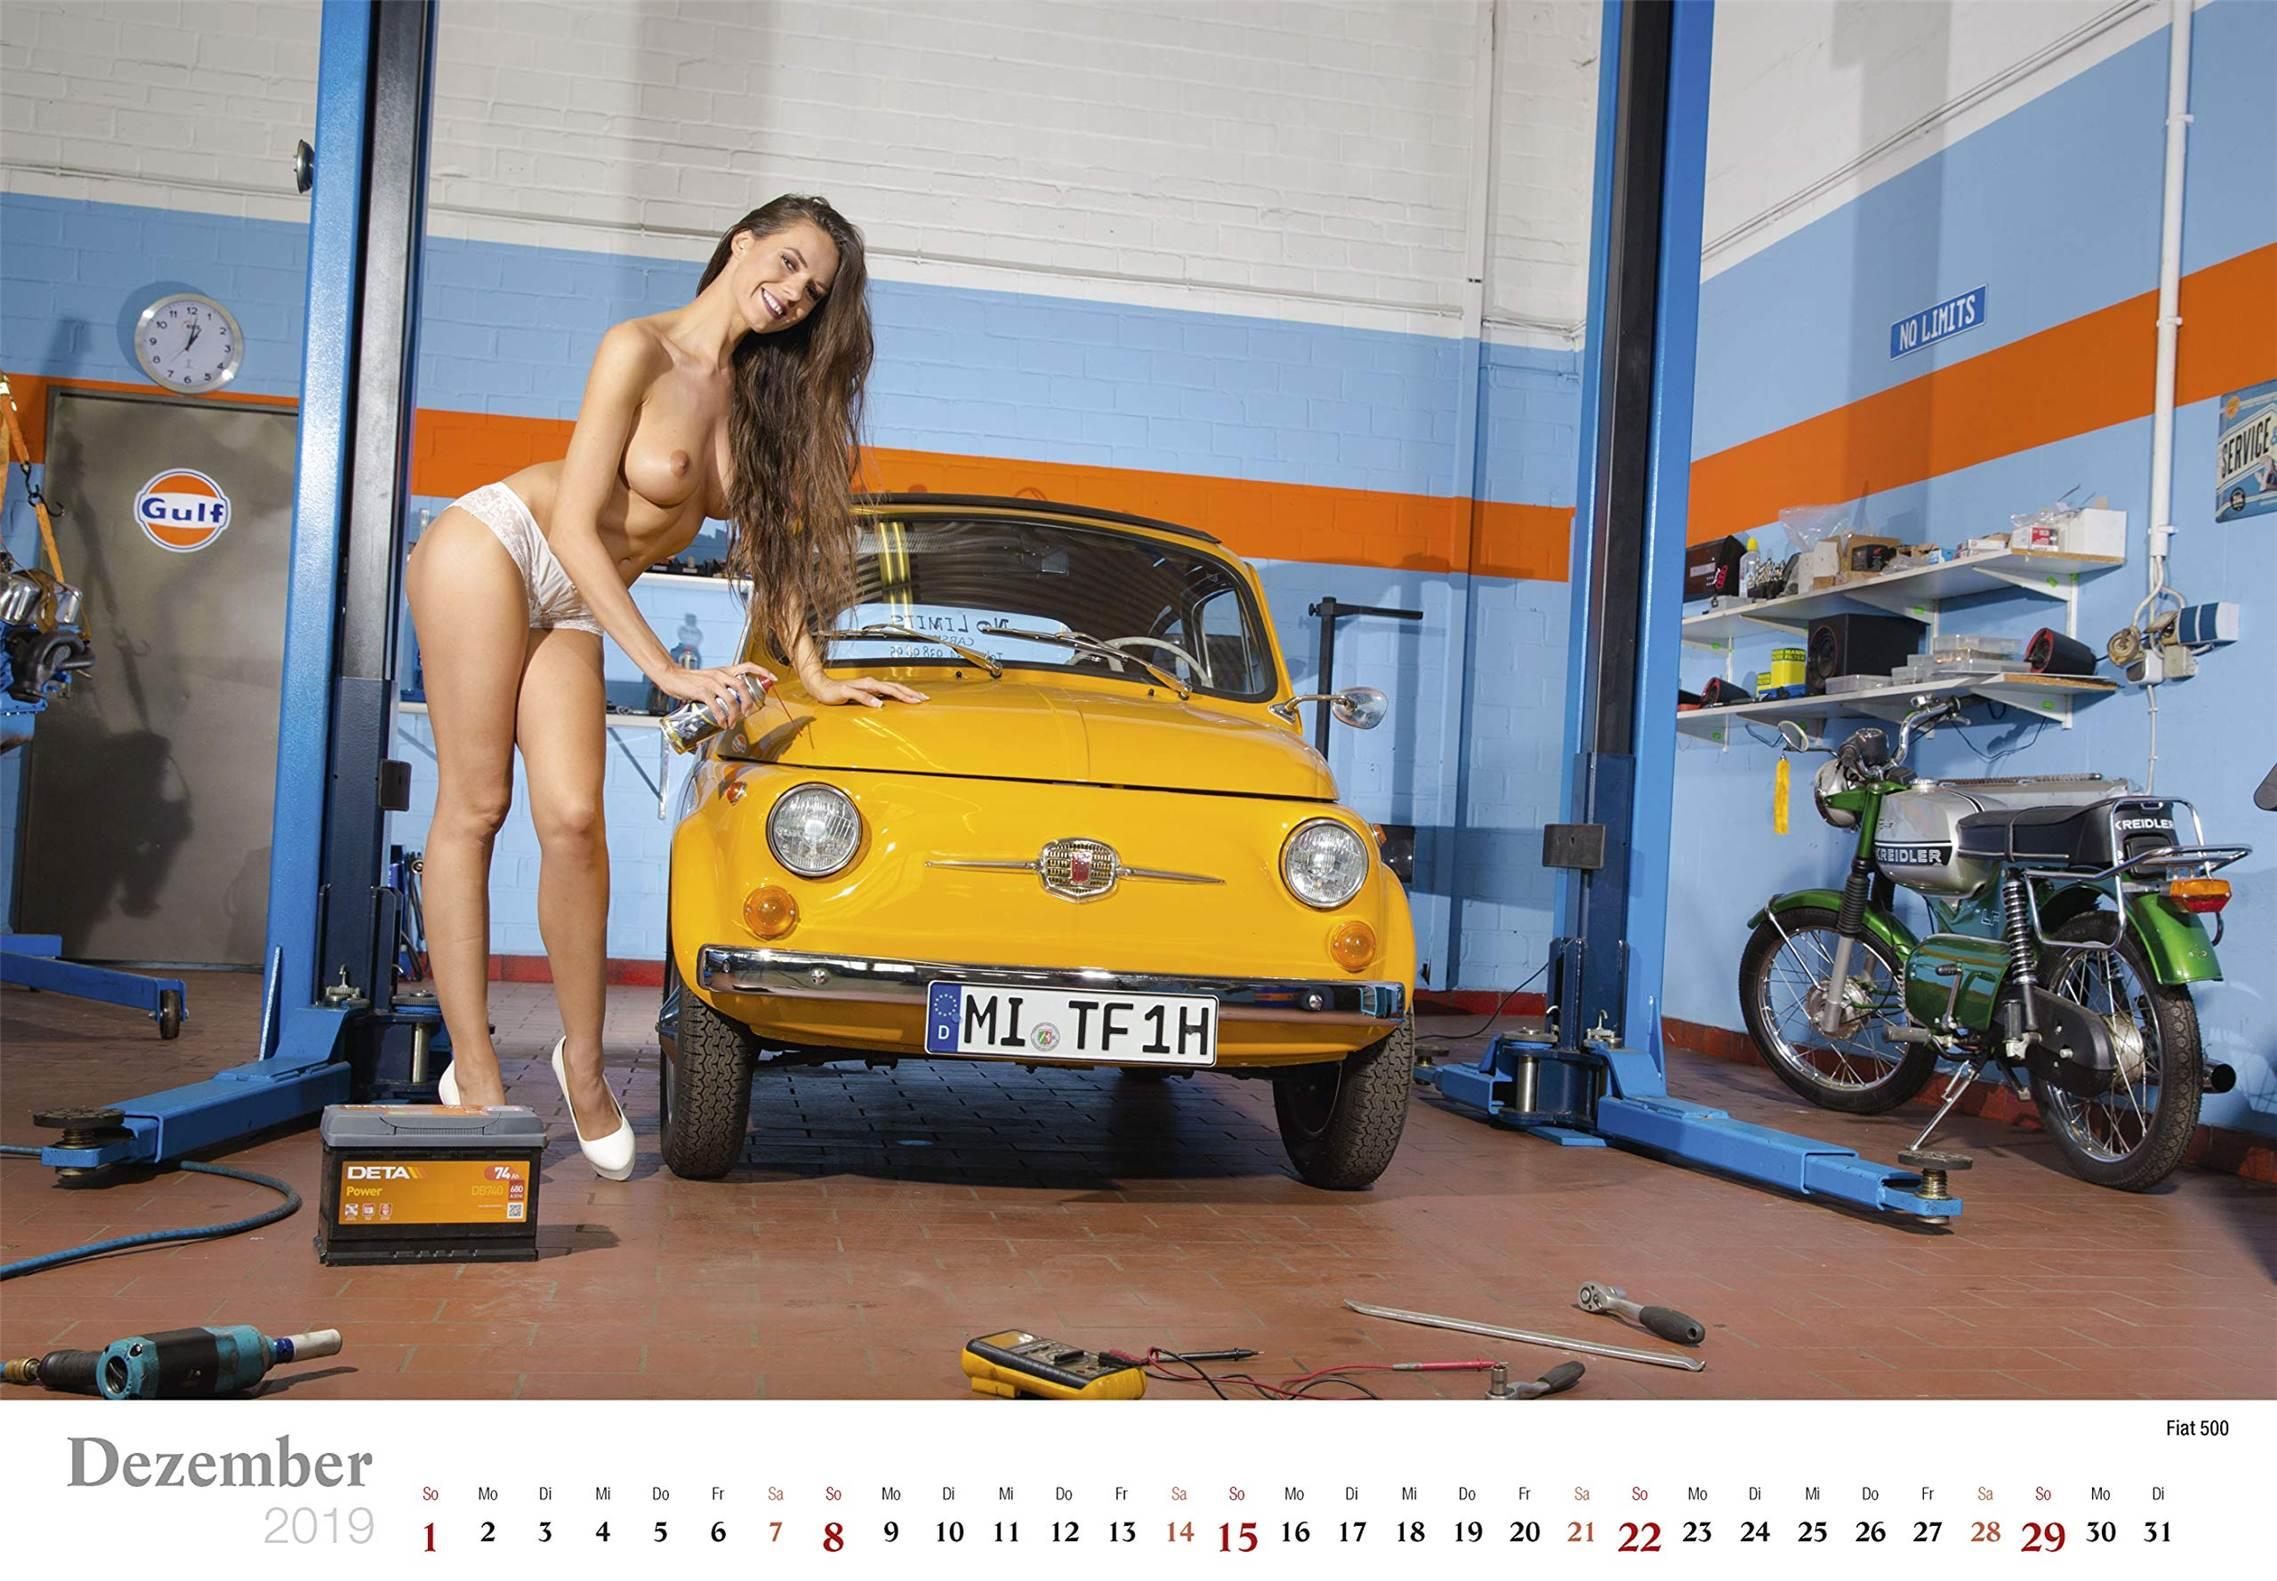 Сексуальные девушки ремонтируют автомобили / Fiat 500 / Schraubertraume / 2019 erotic calendar by Frank Lutzeback